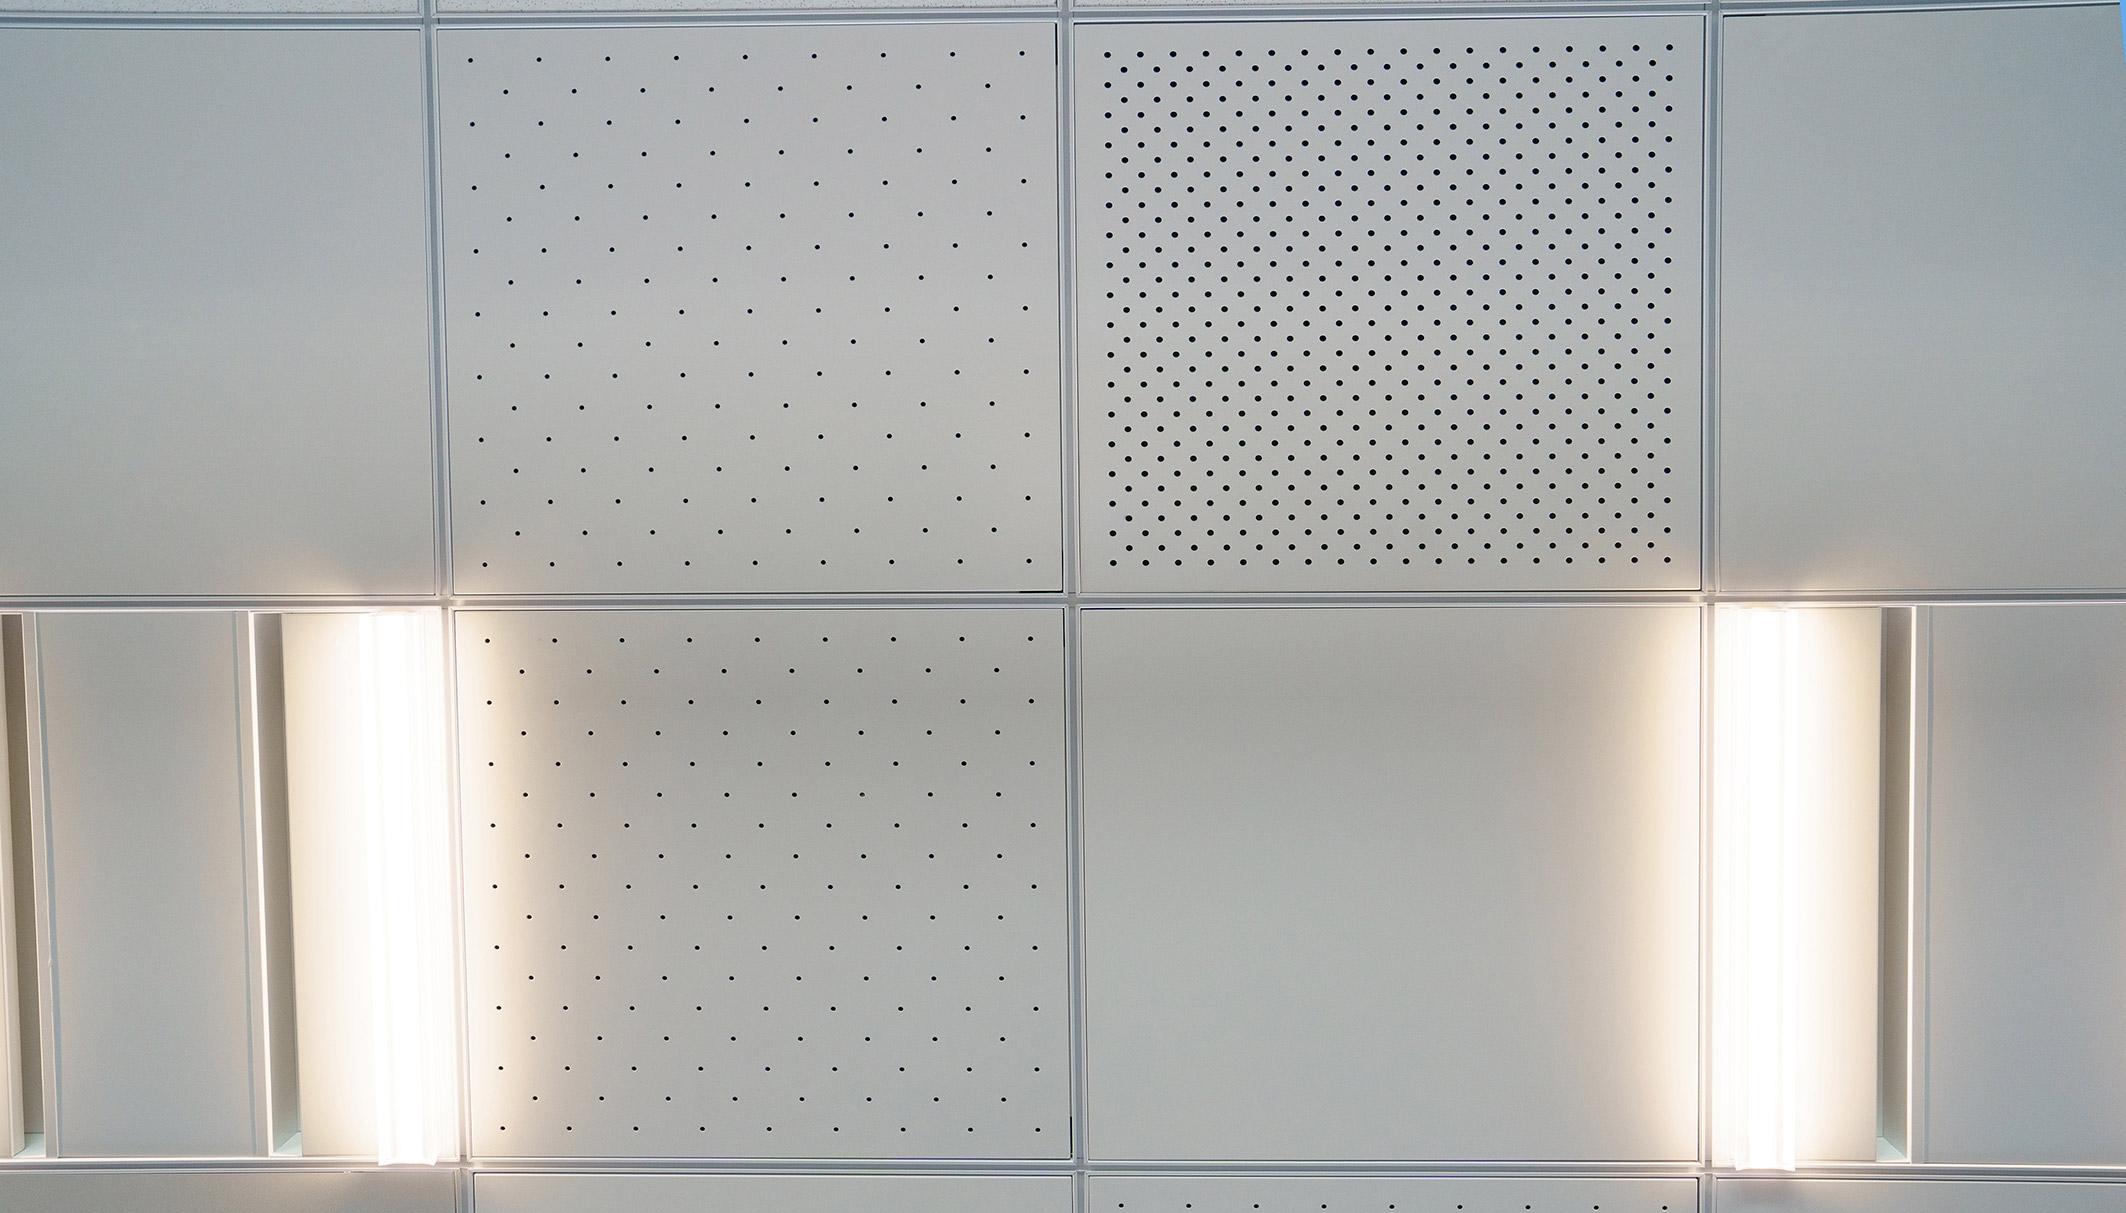 4階の実証室に取り入れた天井の放射パネル。パネルに小さな穴を設け、パネル背後の冷暖房された空気が室内ににじみ出るようにしている(写真:三菱電機)